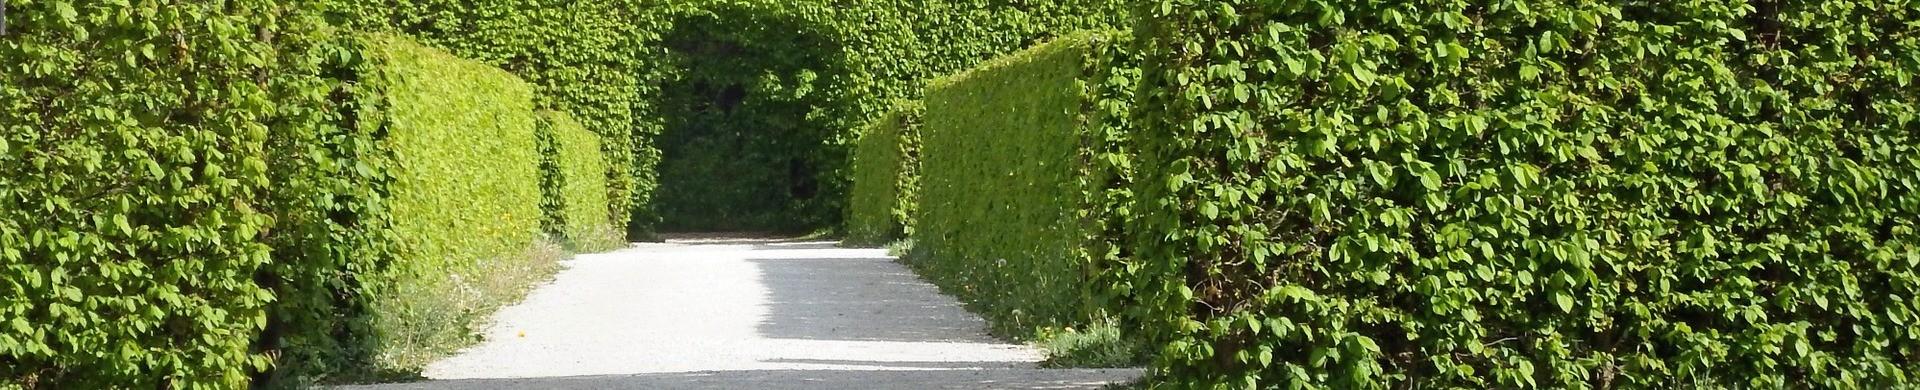 Plantas para setos - Setos para jardin - Comprar setos para jardin